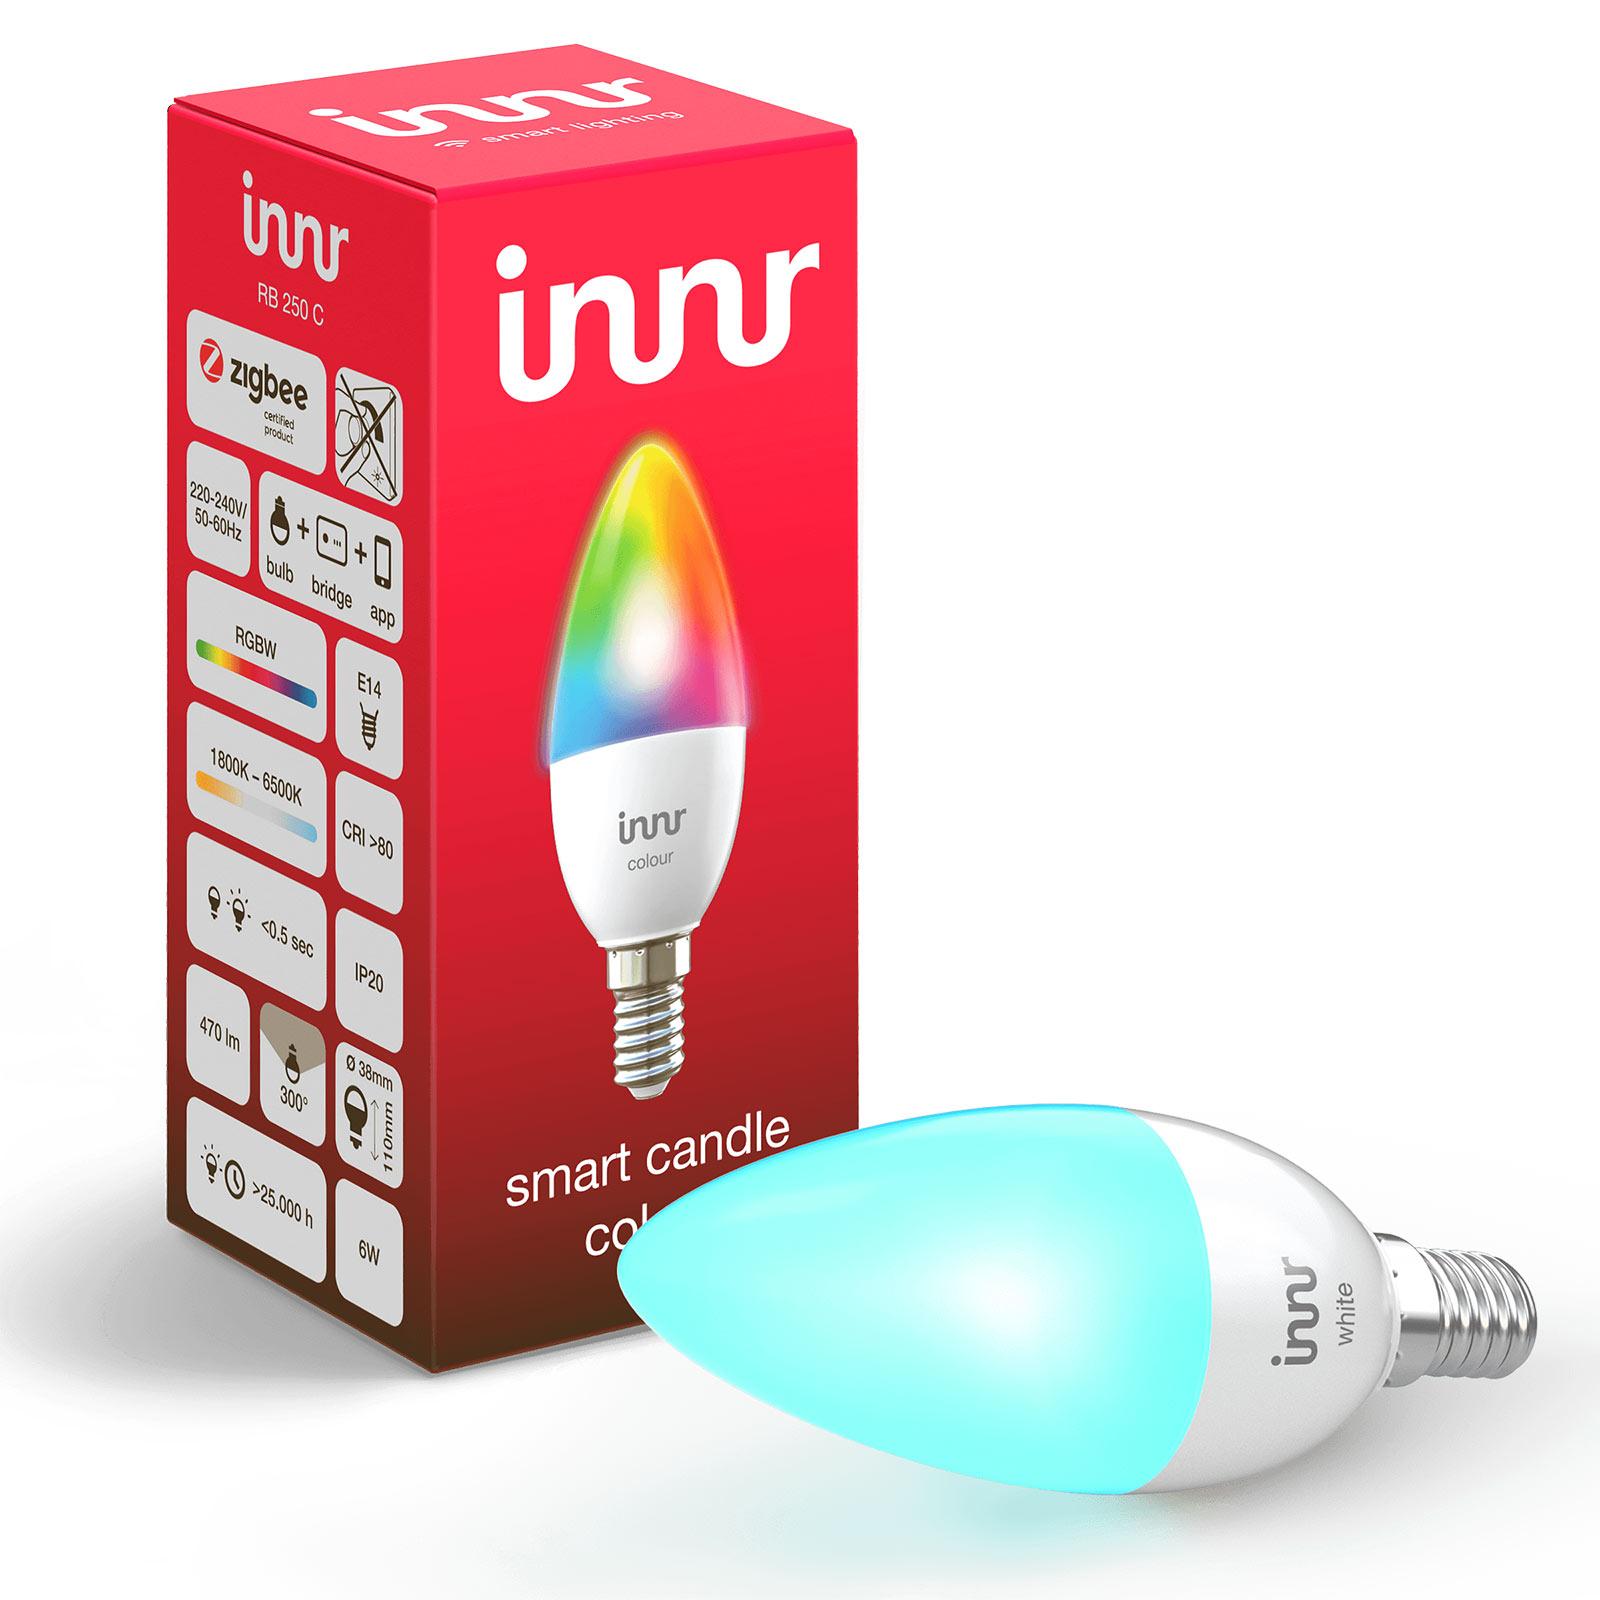 E14 6W LED lamp Innr Smart Candle Colour RGBW